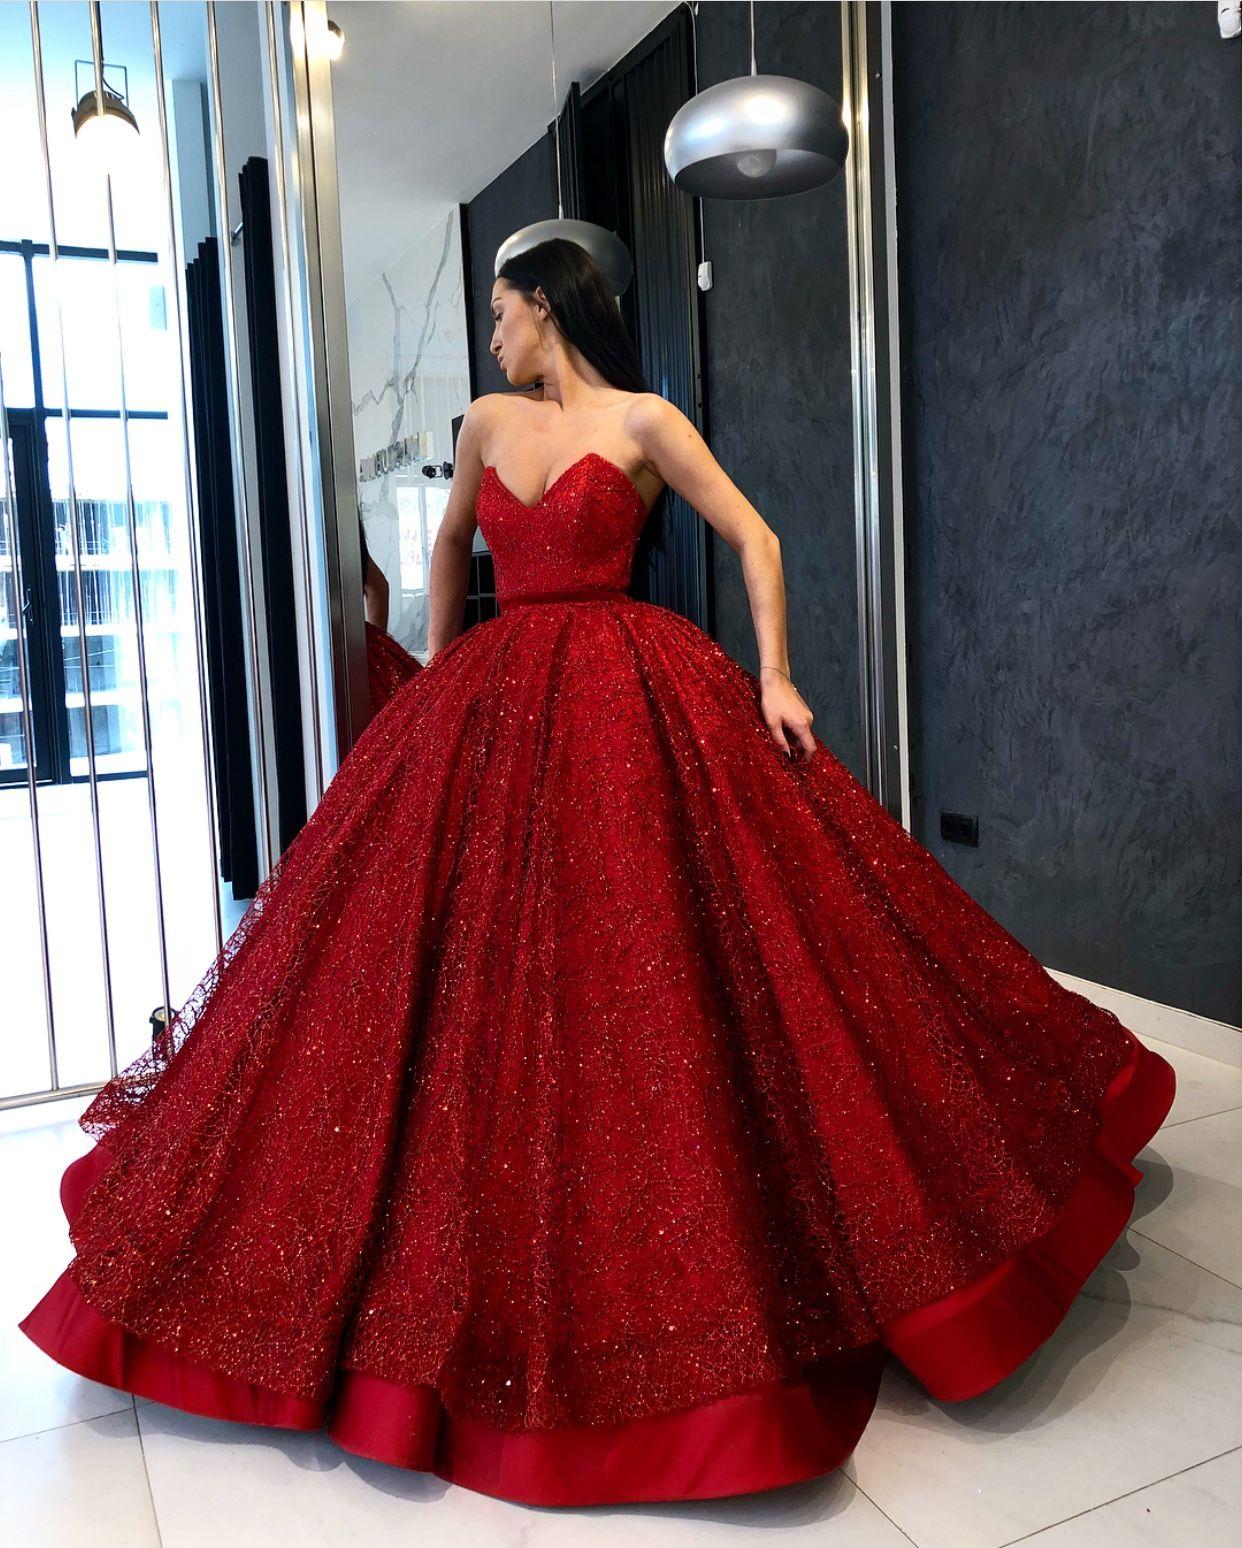 um fabuloso vestido vermelho cheio de brilho e vida!!maravigold.